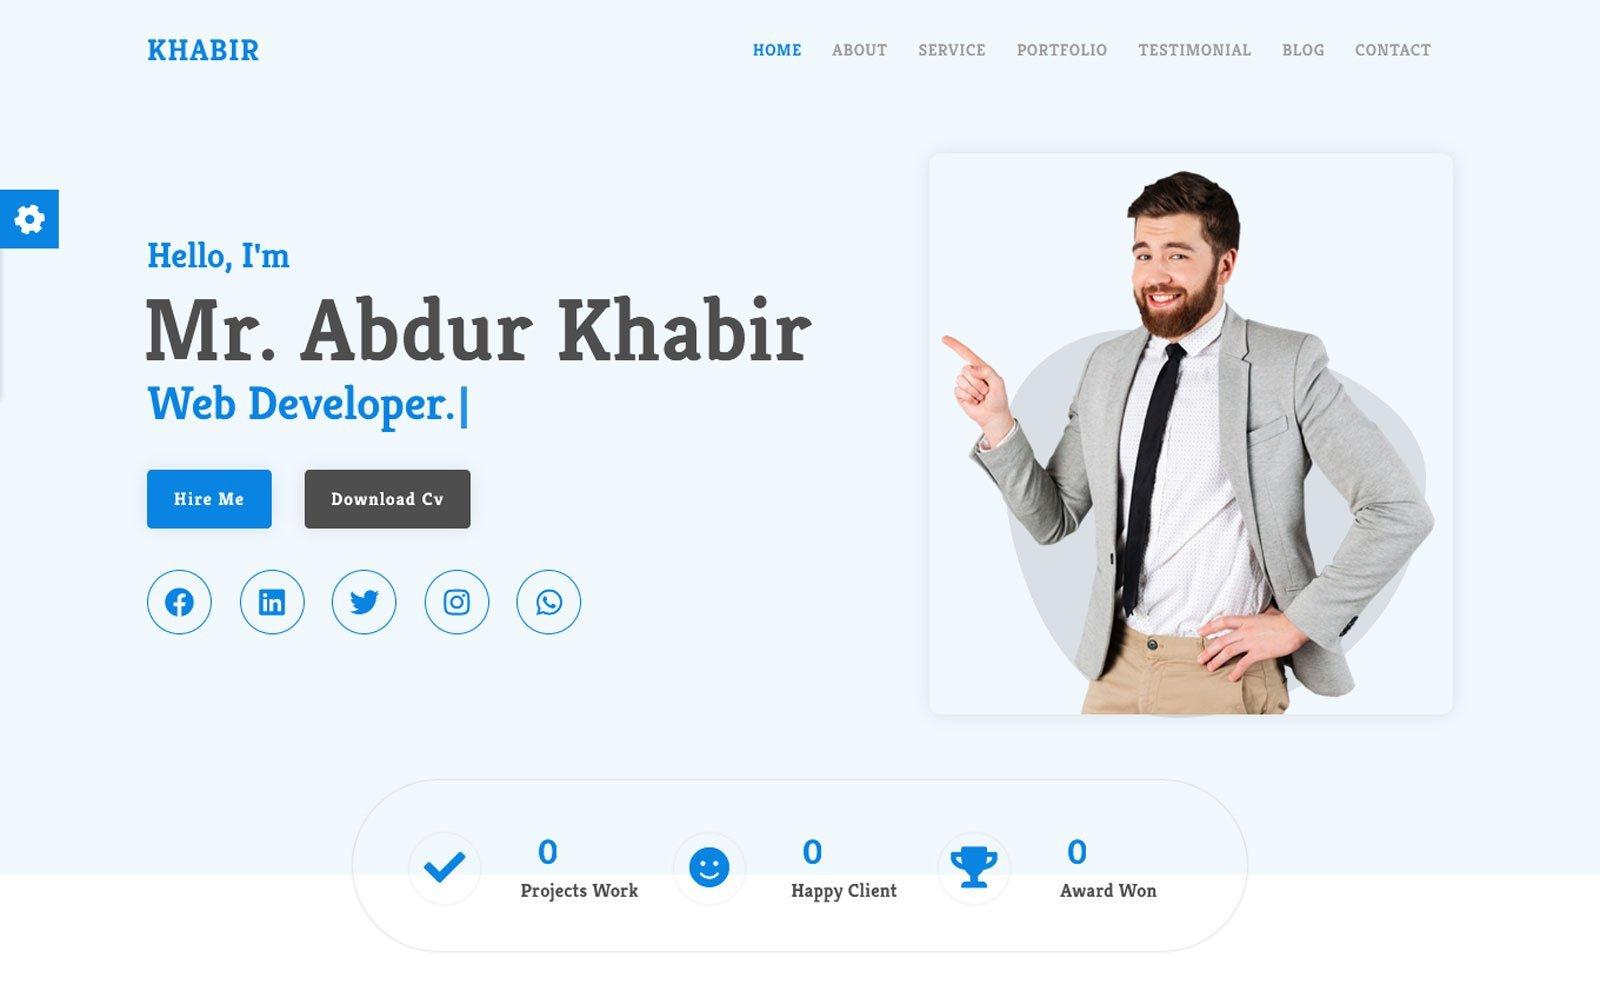 Reszponzív Al-Khabir - Creative Portfolio CV/Resume Nyítóoldal sablon 122887